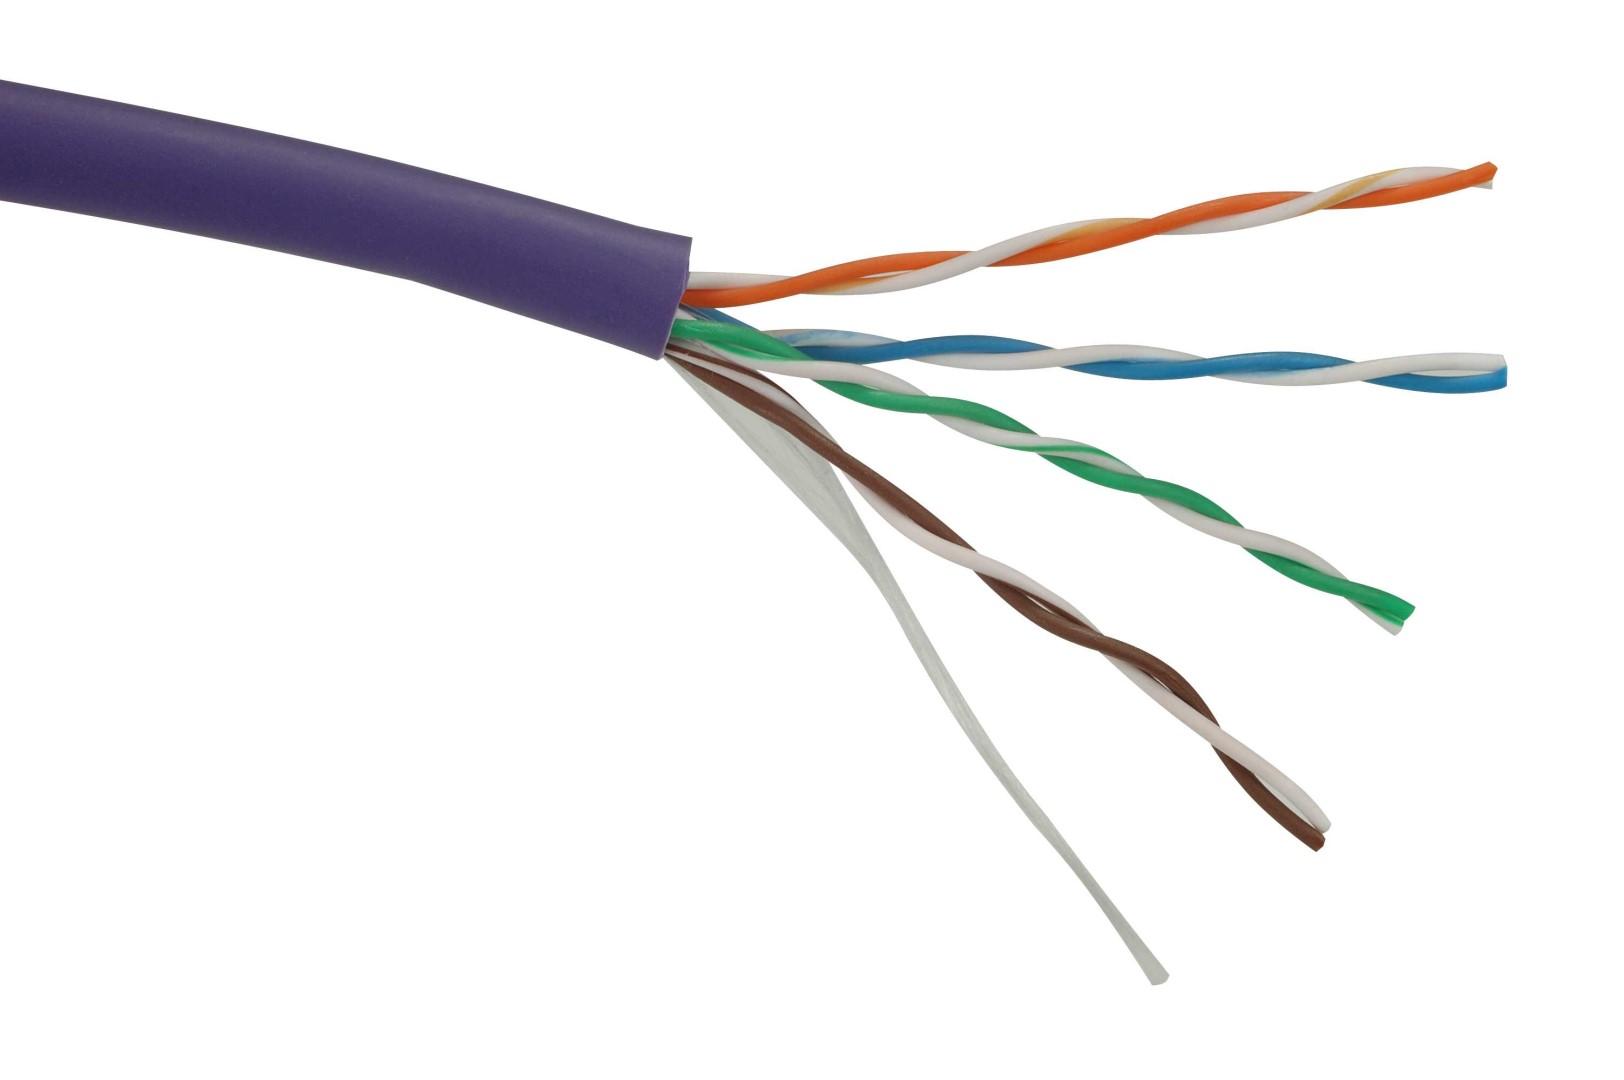 kabel box affordable kabel catlink utp kate pvc m sxkdeutppvc with kabel box previous next. Black Bedroom Furniture Sets. Home Design Ideas